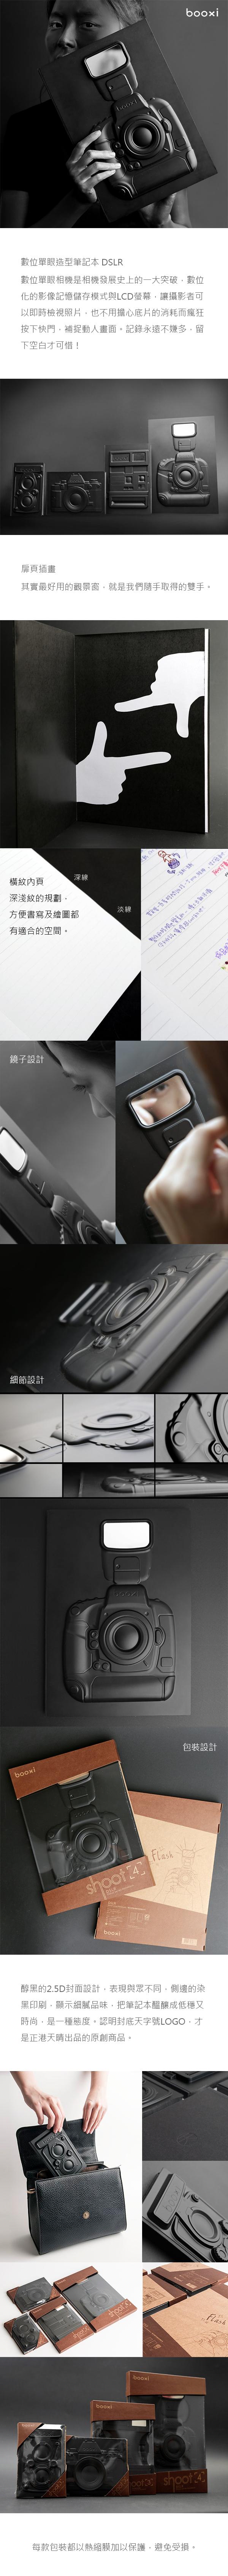 天晴設計 數位單眼造型筆記本 DSLR